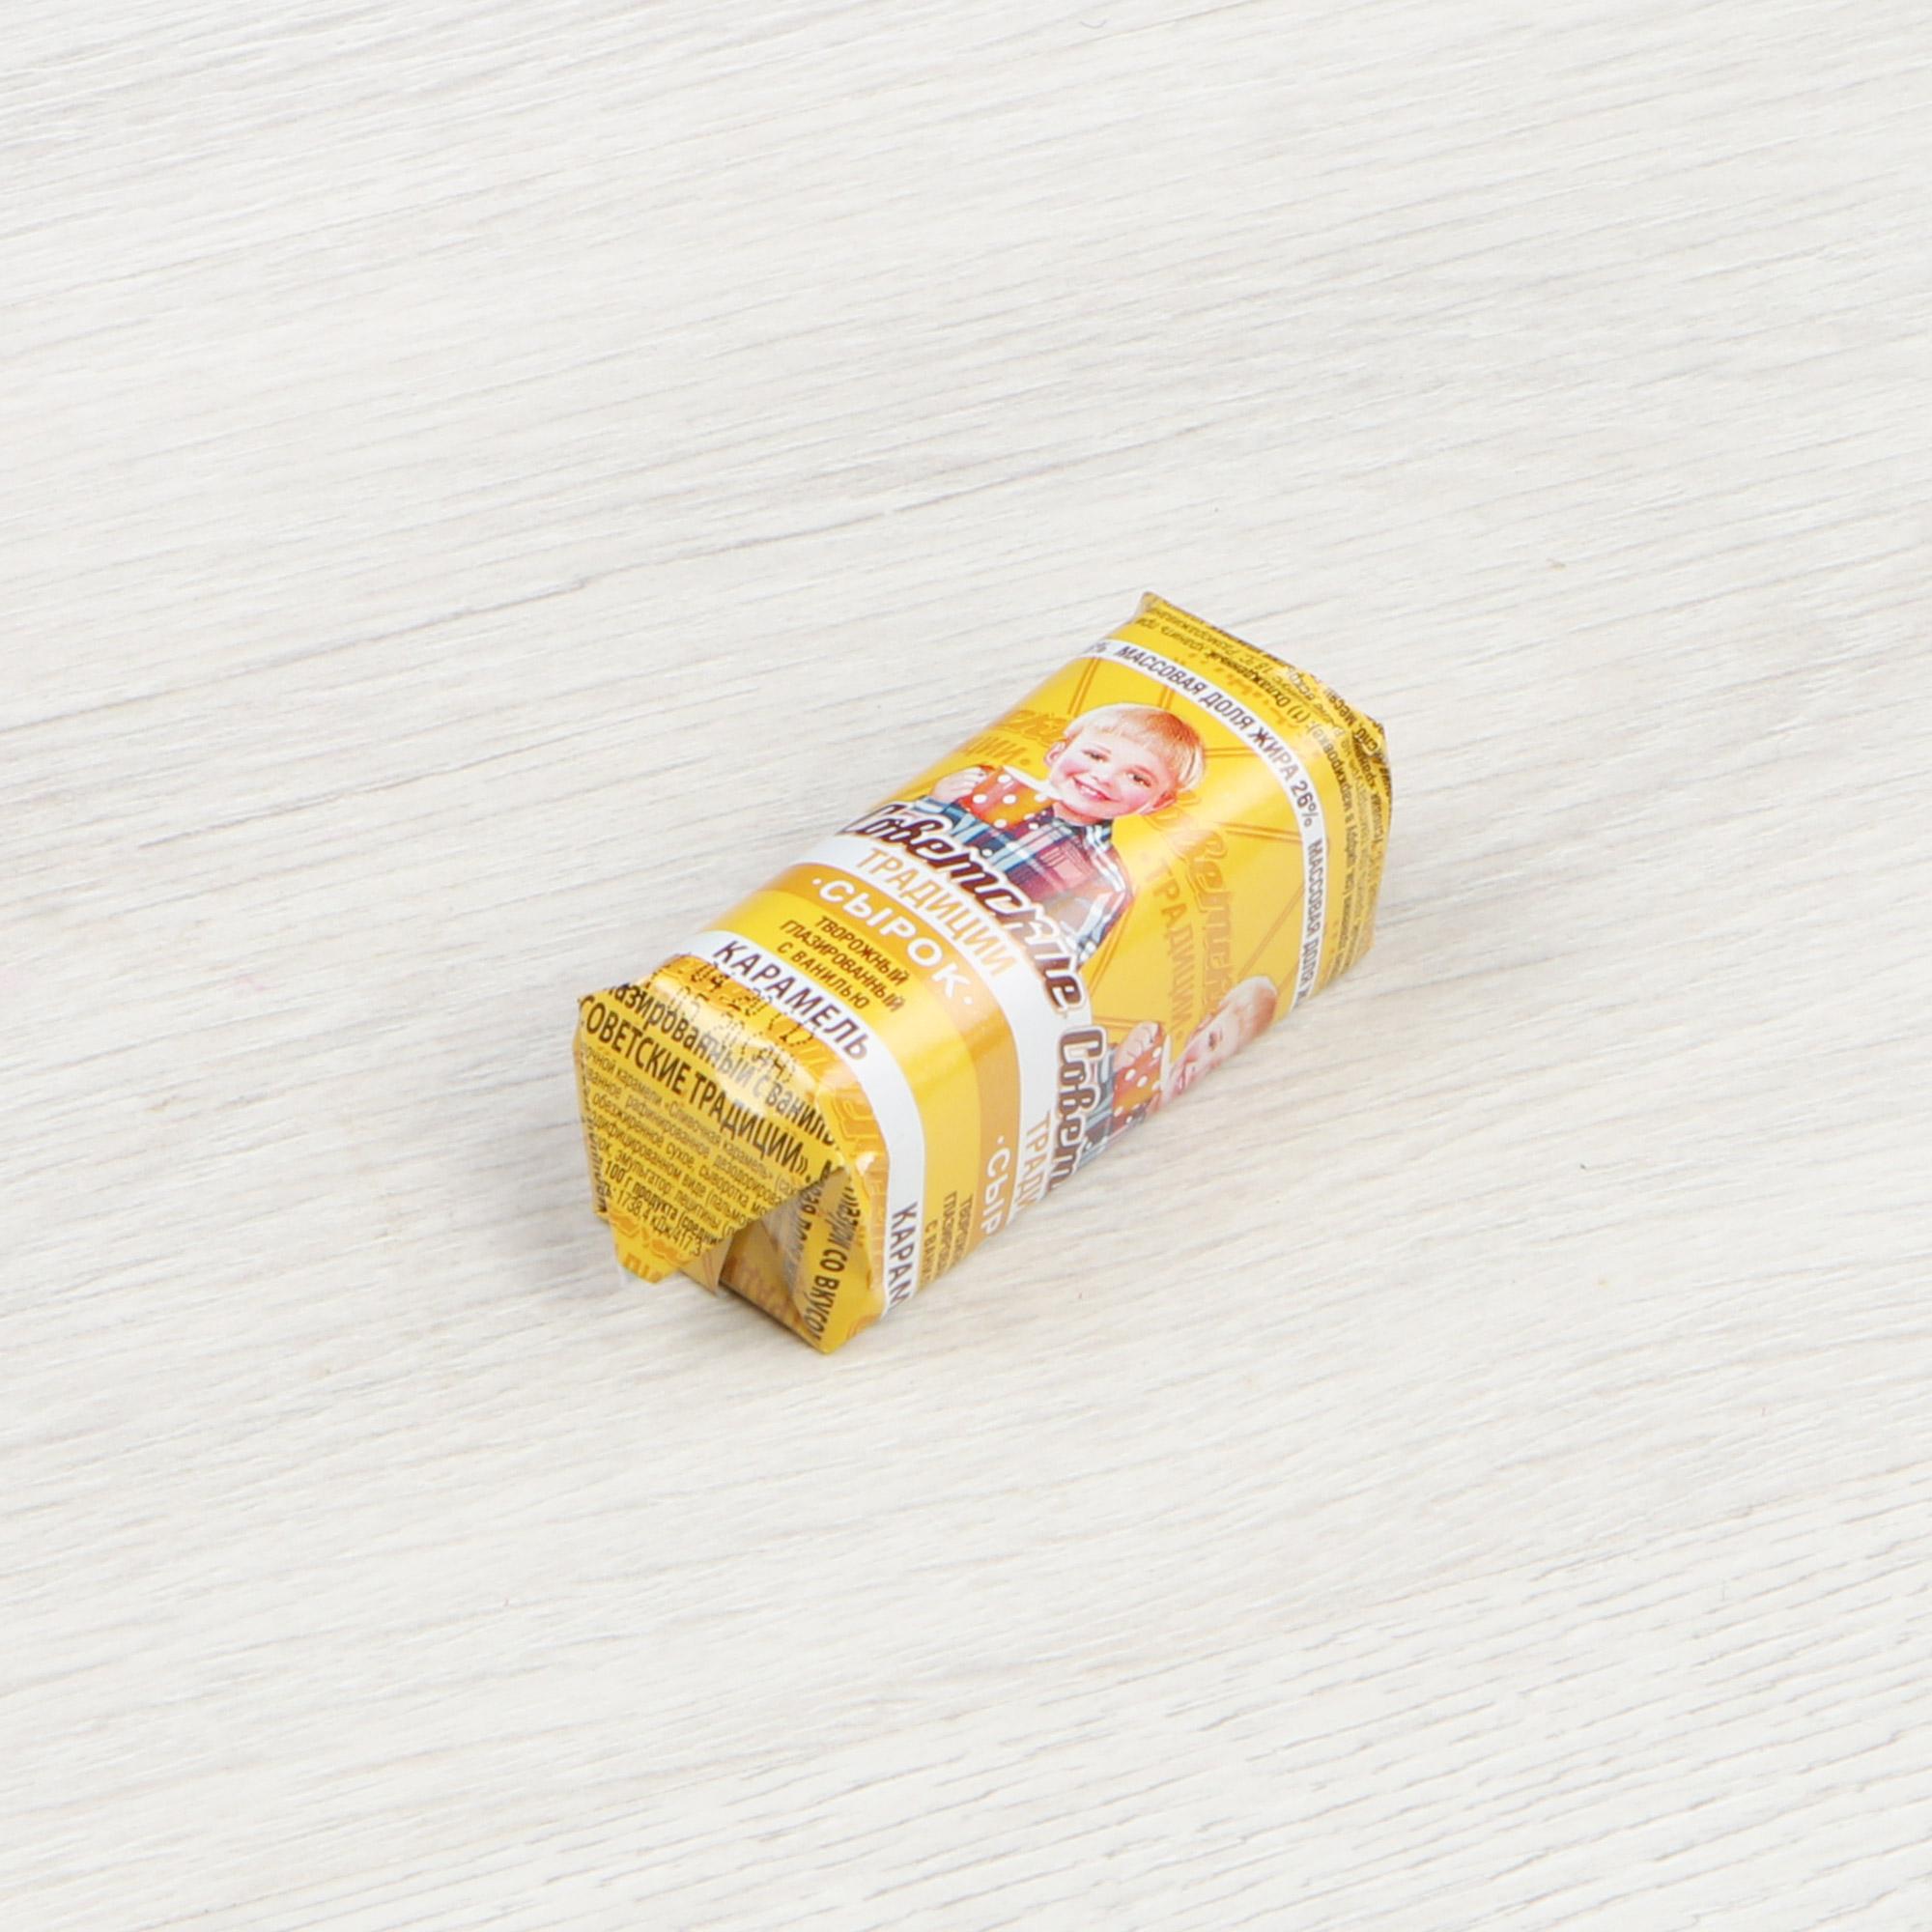 Сырок Советские традиции творожныйглазированный с ванилью в глазури со вкусом карамели 26% 45 г